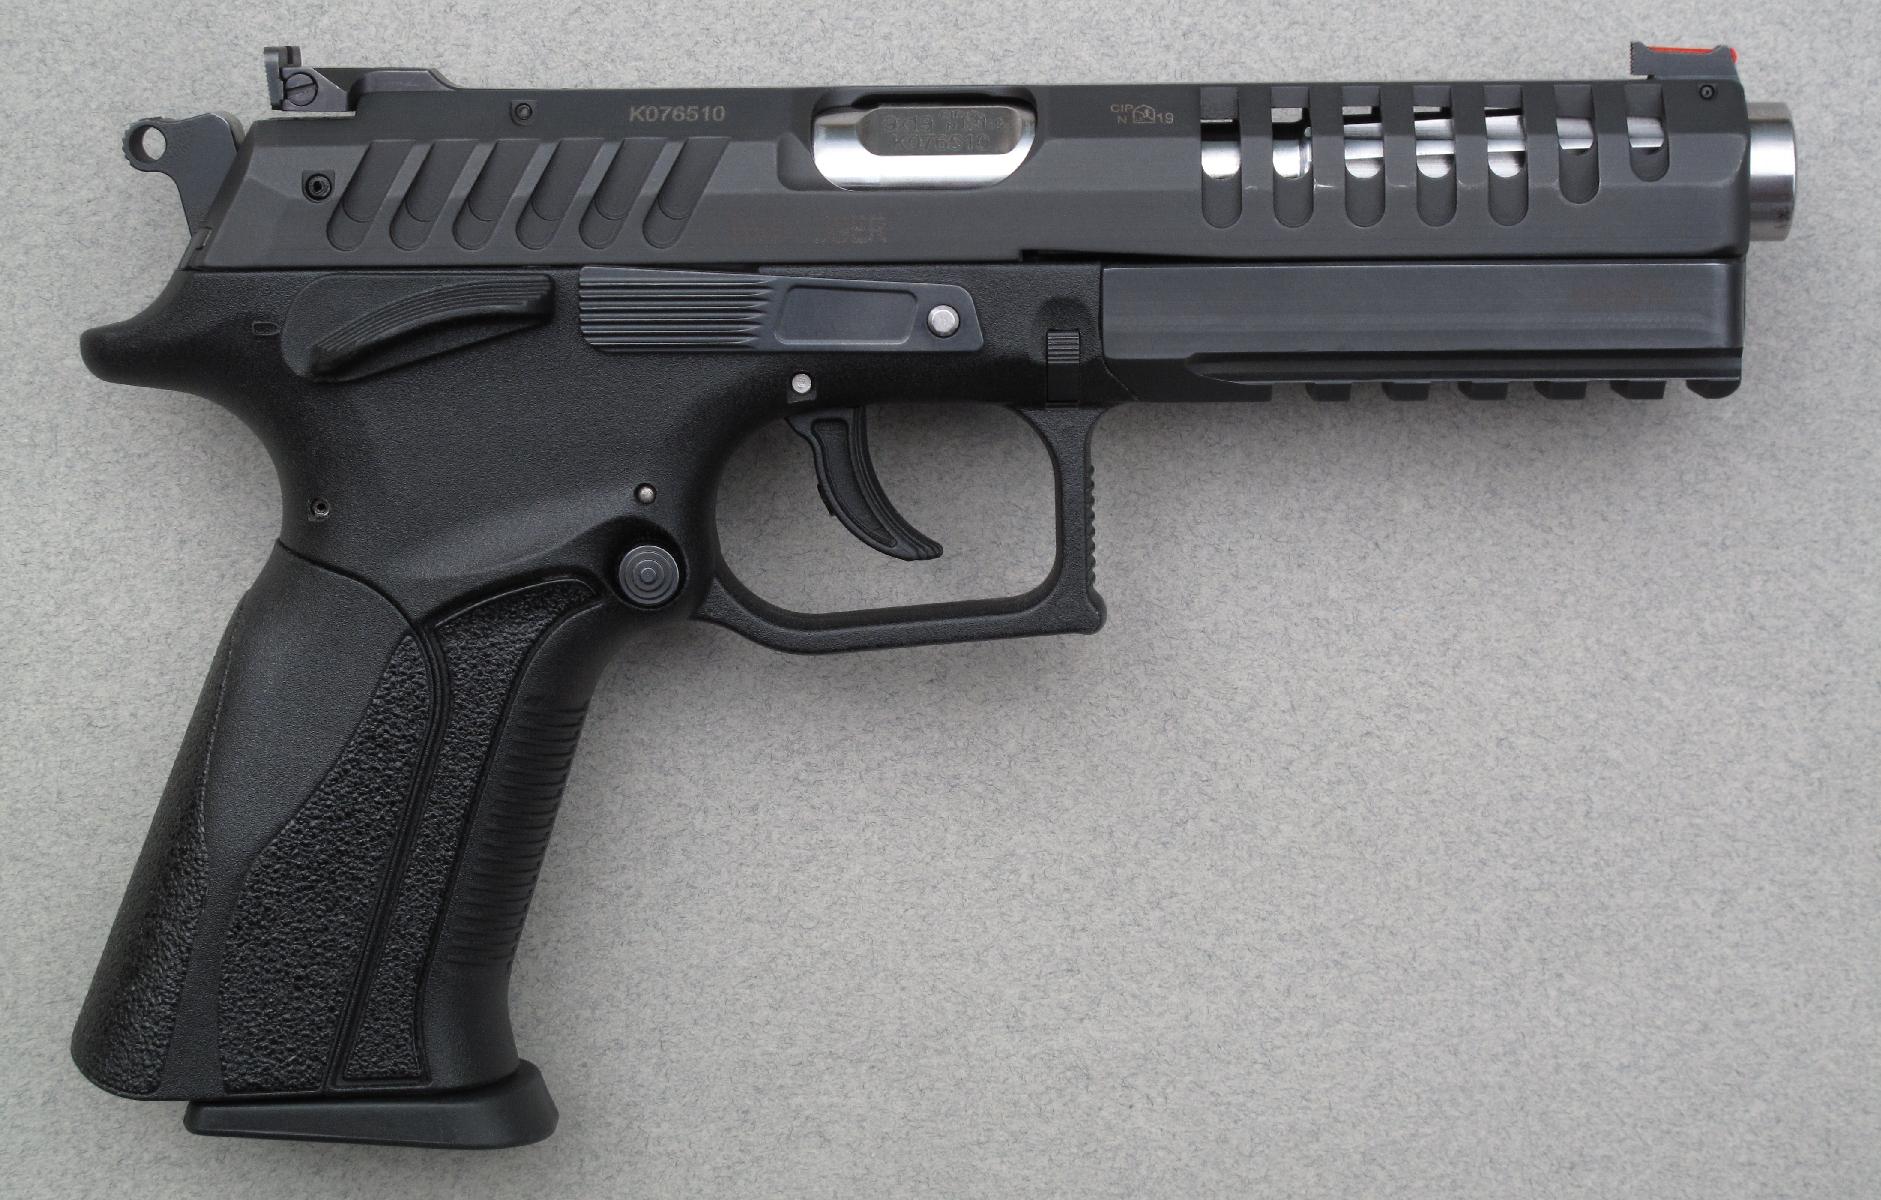 Original par son canon à verrouillage rotatif et ses commandes totalement ambidextres, ce pistolet l'est également par le profond rainurage et les évents de sa culasse à glissière.